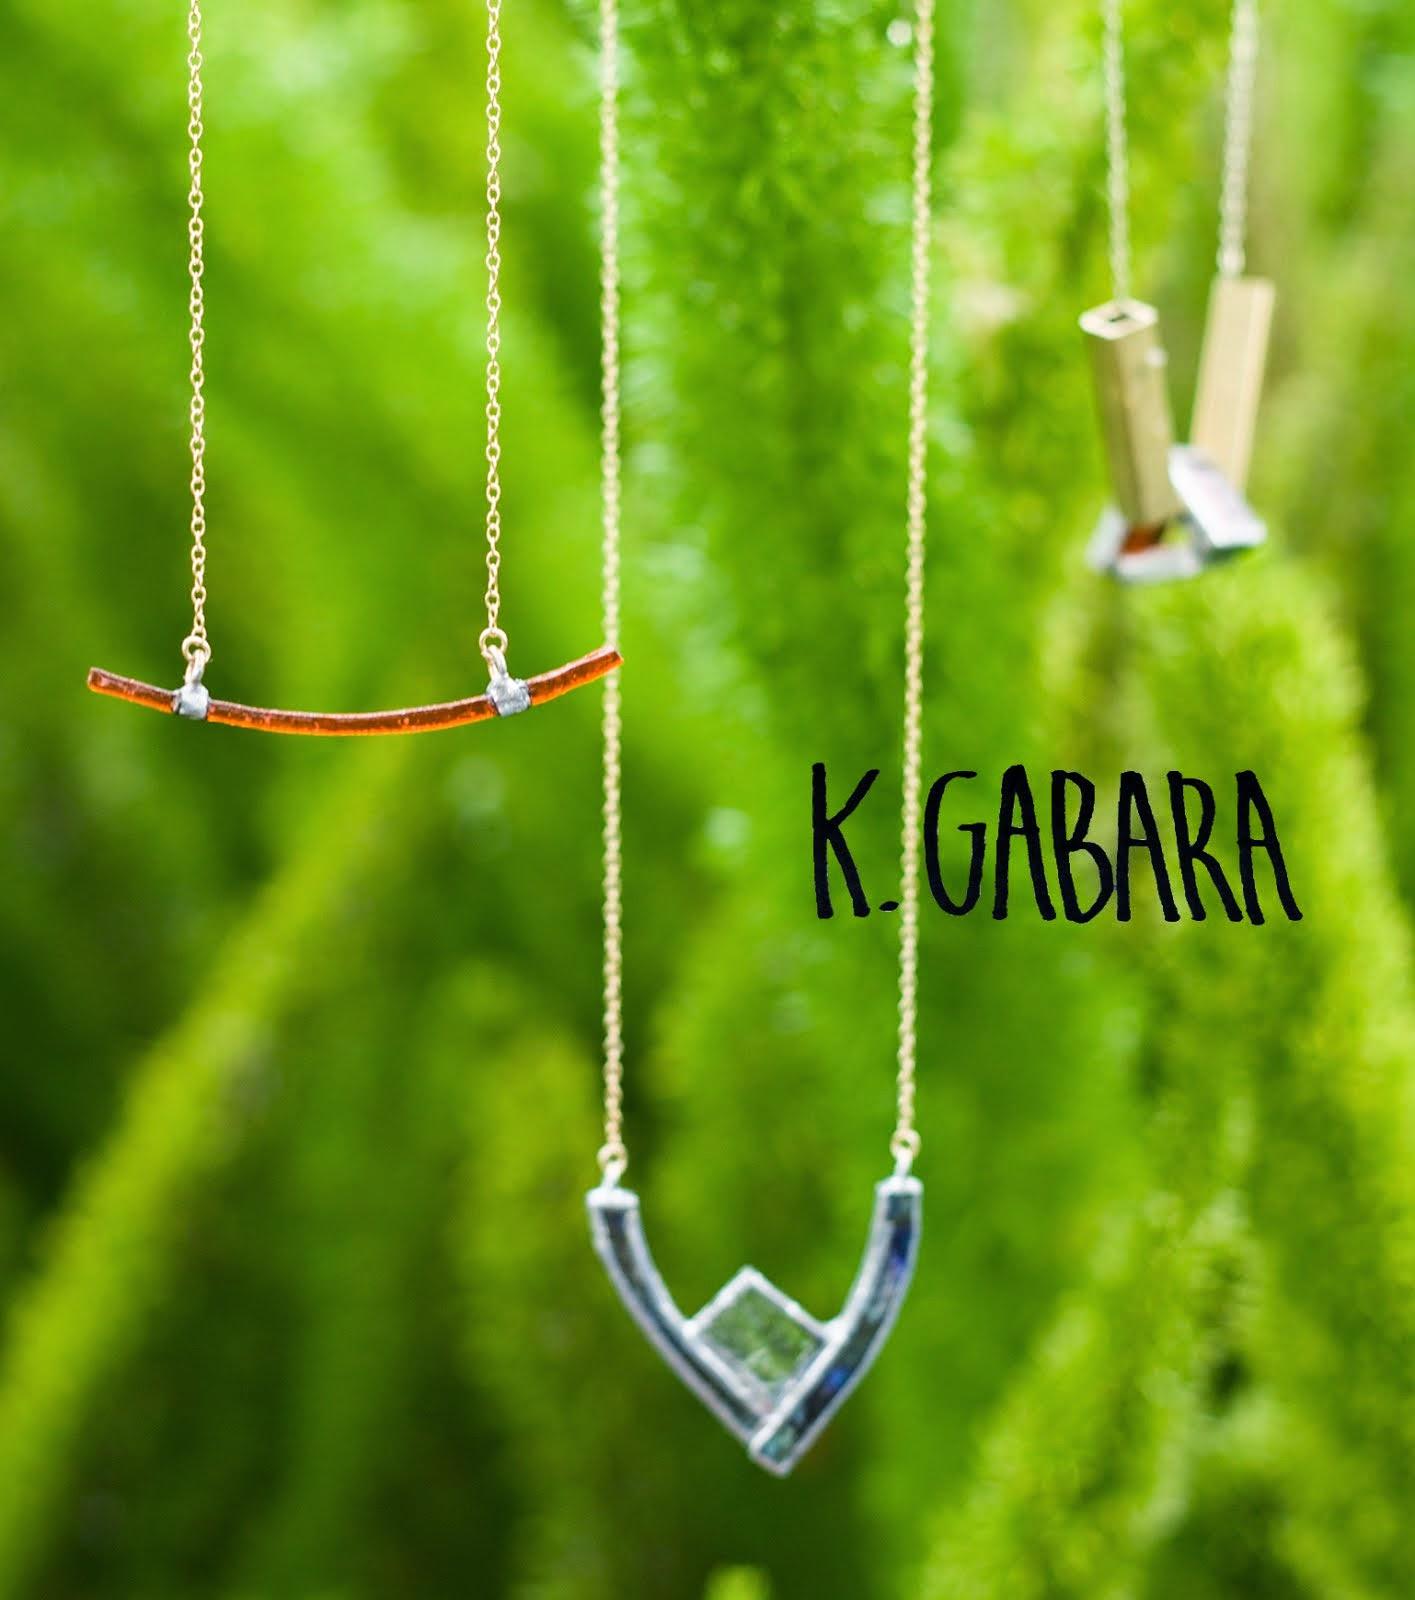 kgabara